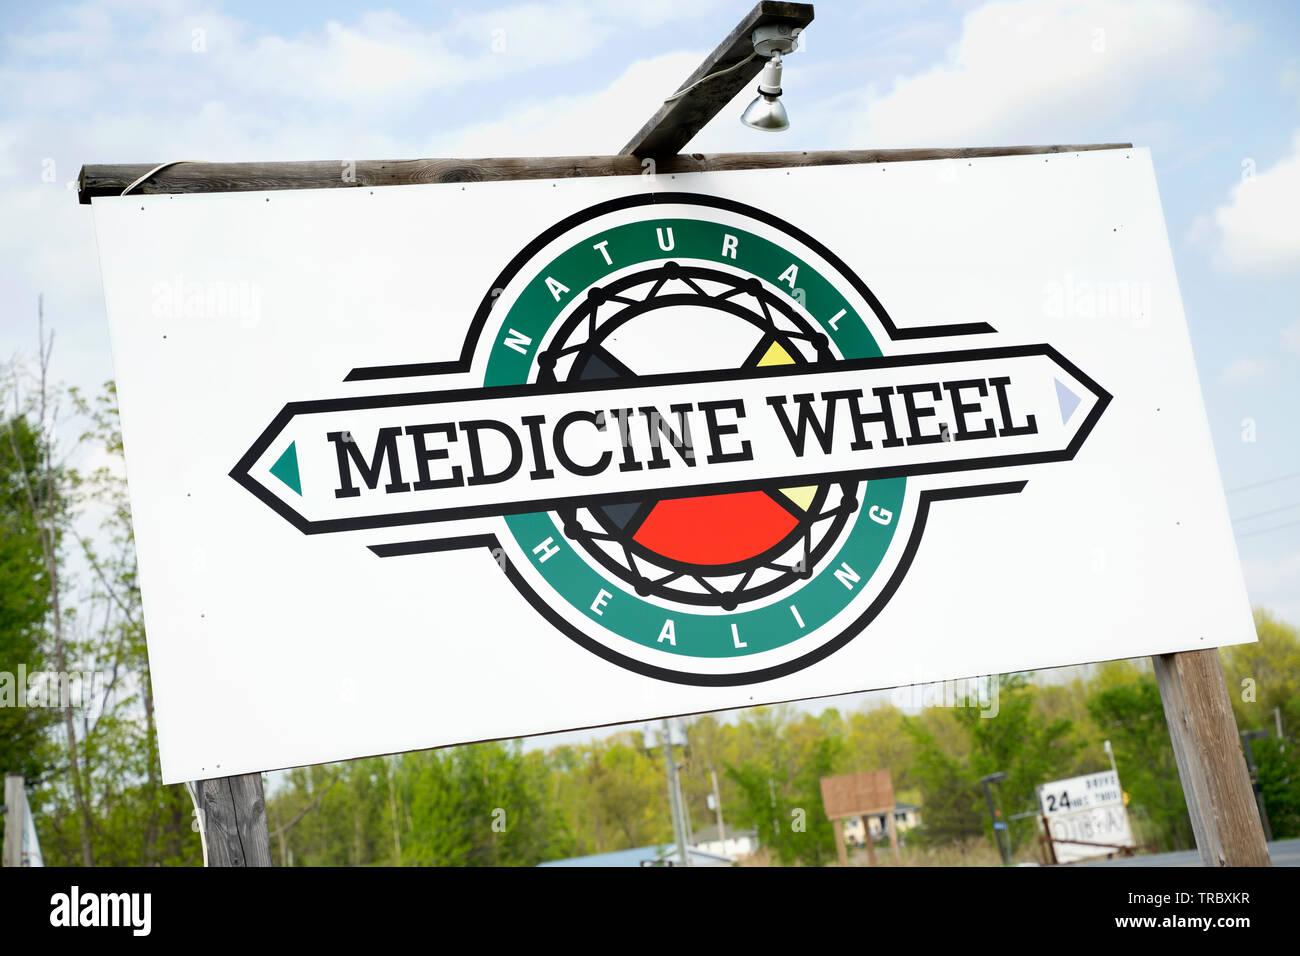 Signe de la roue de médecine, d'un dispensaire de cannabis à Alderville, Ontario, Canada Photo Stock